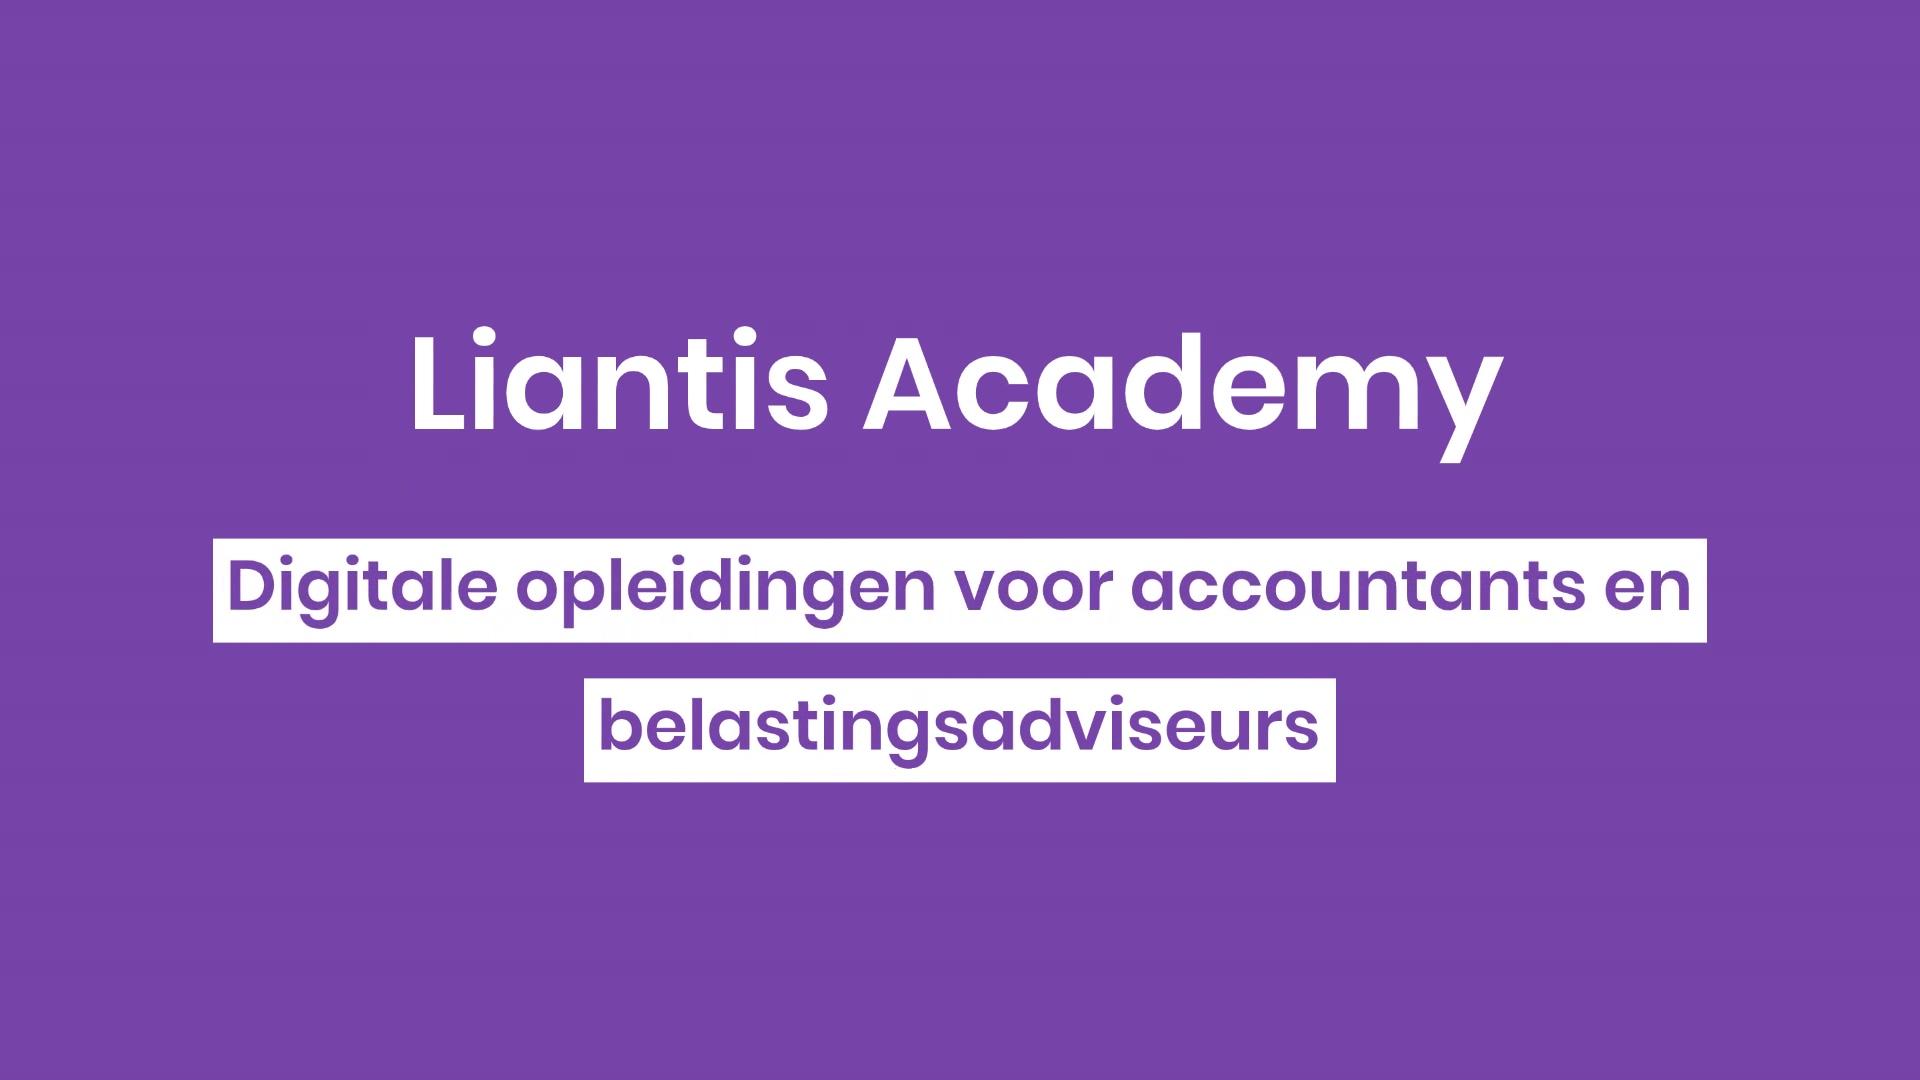 Demo_Liantis_Academy-2